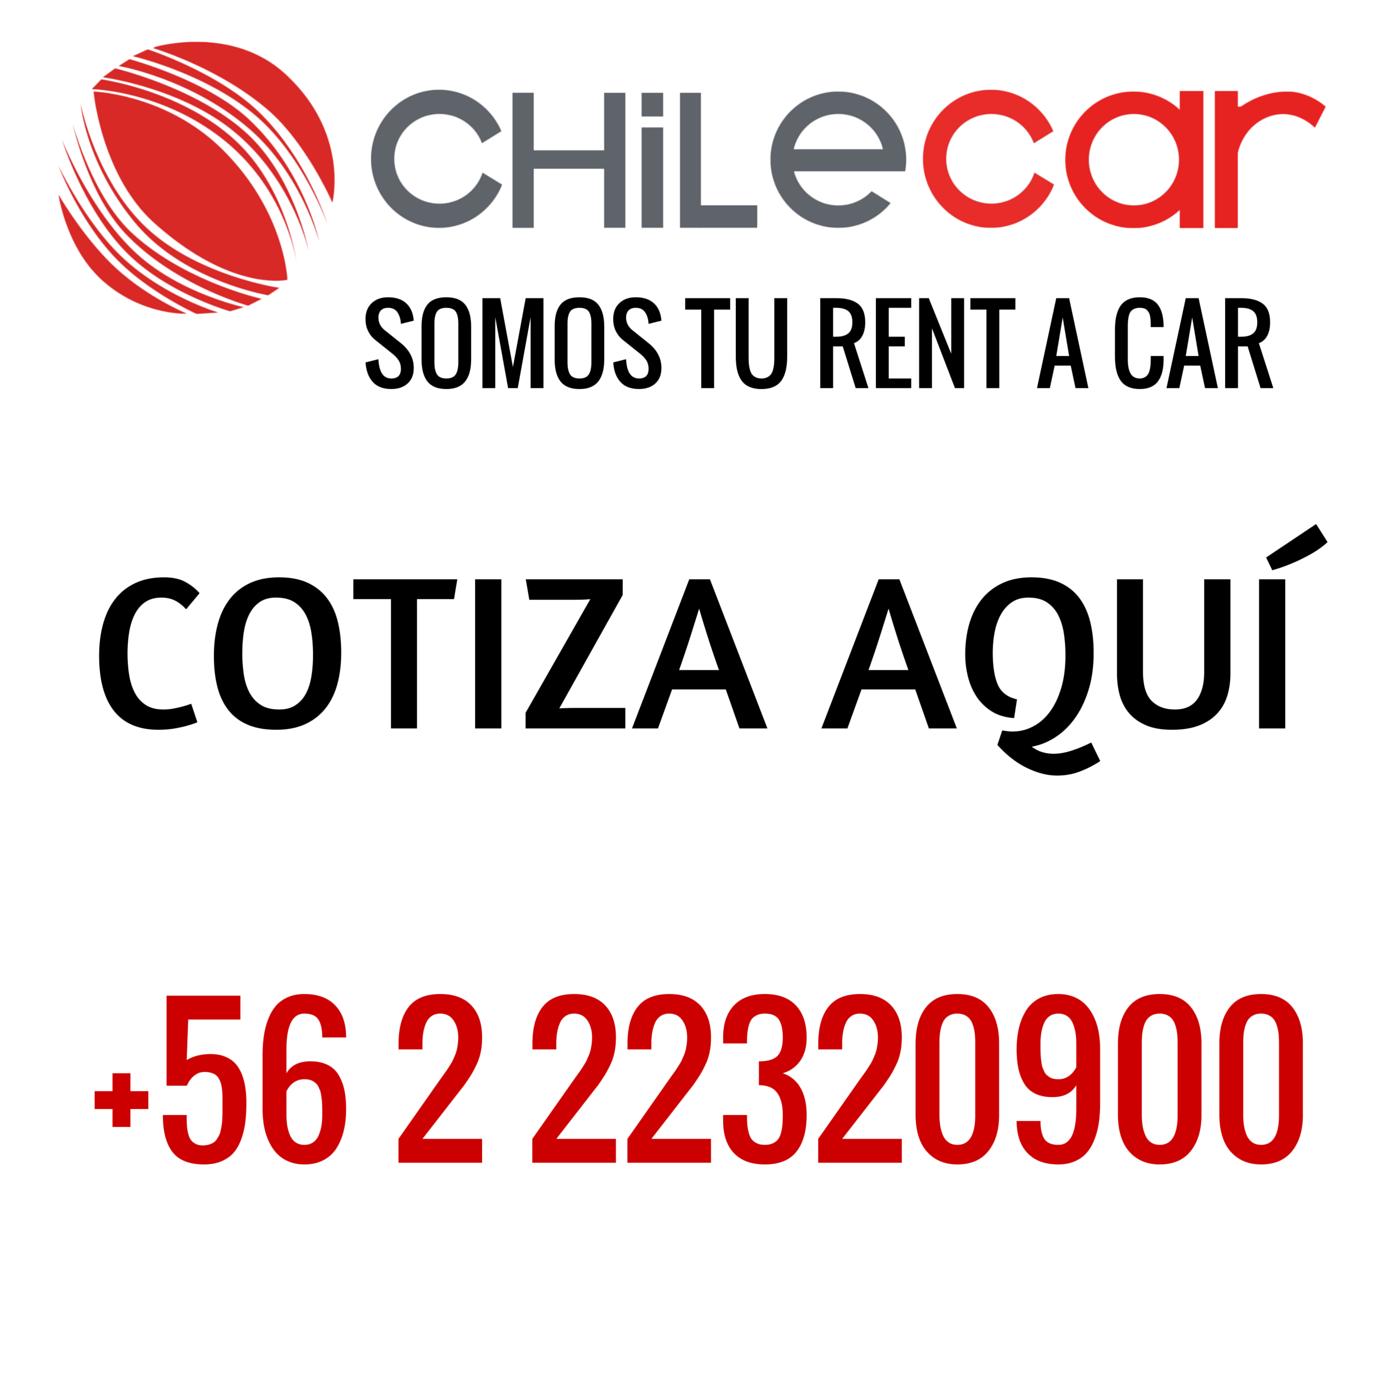 ARRIENDO DE AUTOS EN CHILE